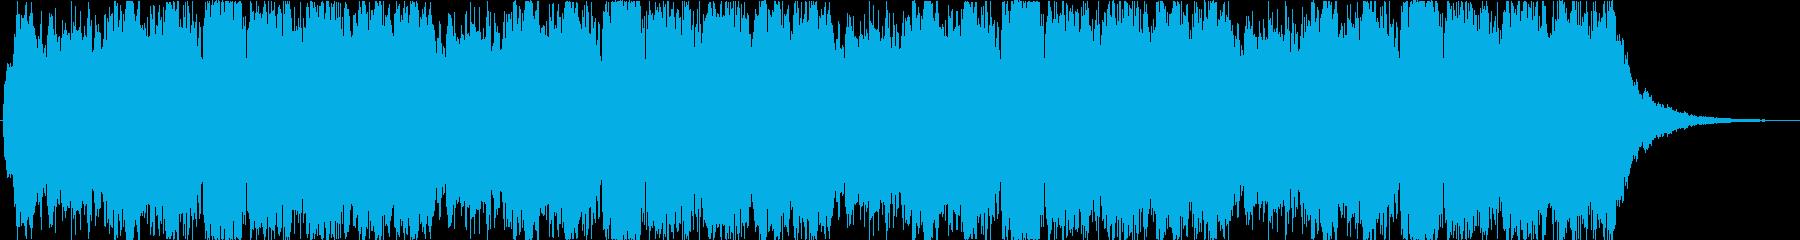 壮大なオーケストラ曲。感動系。ループ。の再生済みの波形